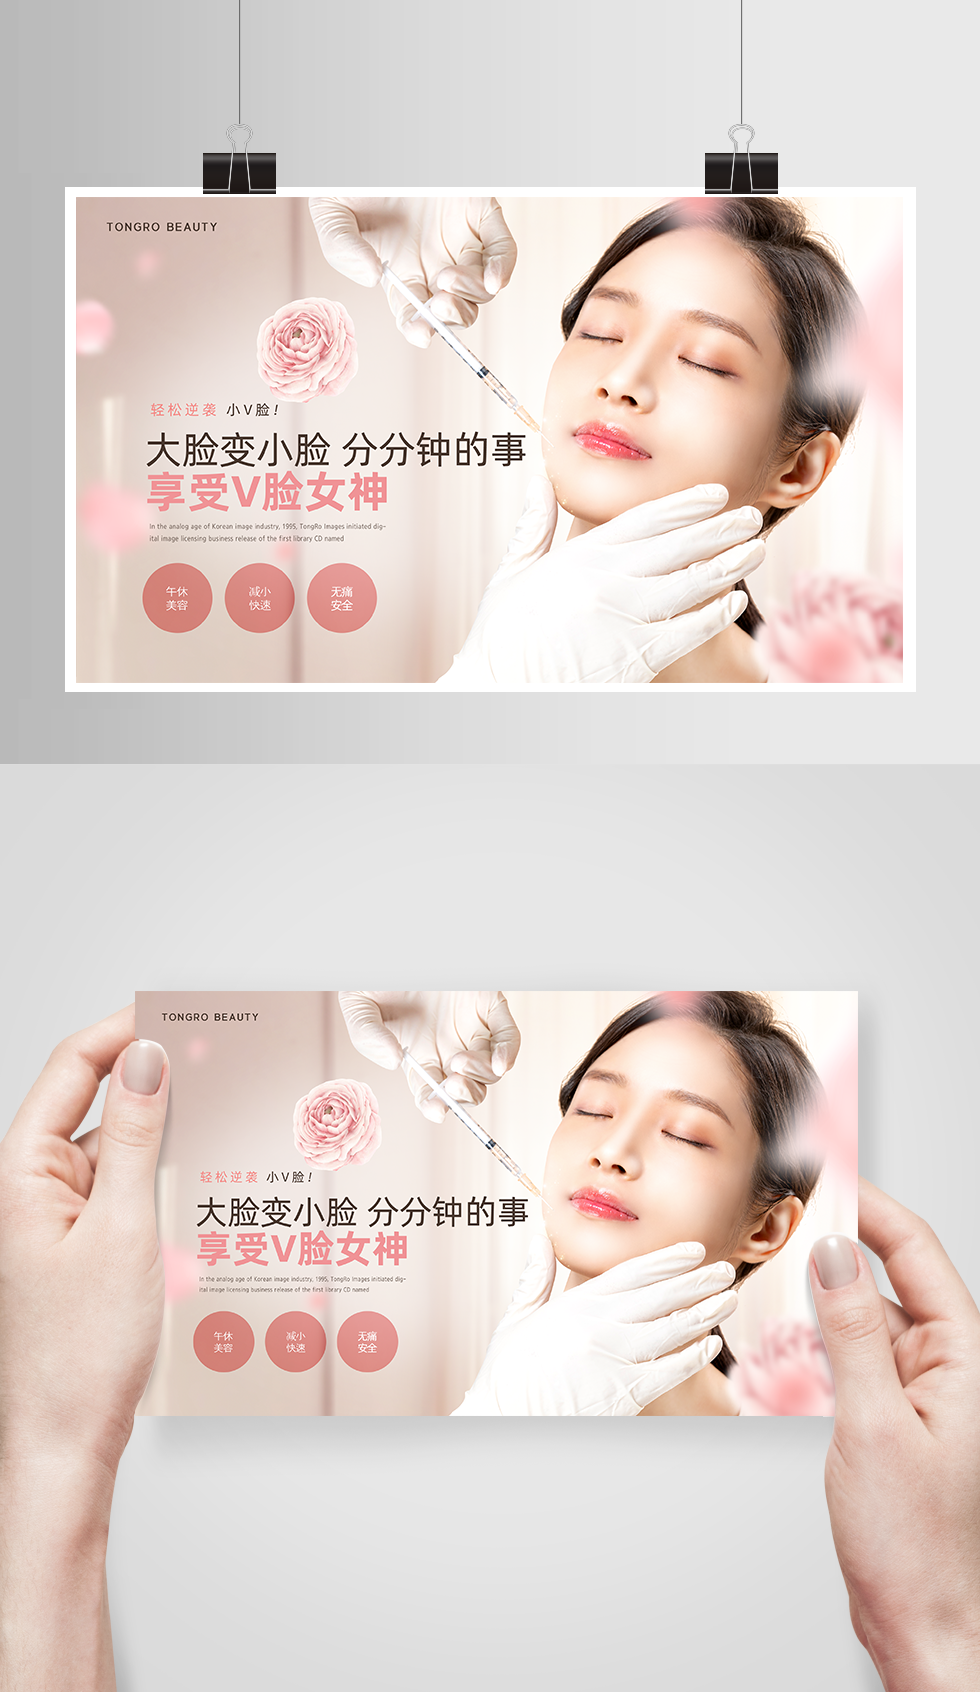 大脸变小脸瘦脸针整形广告V脸海报设计素材